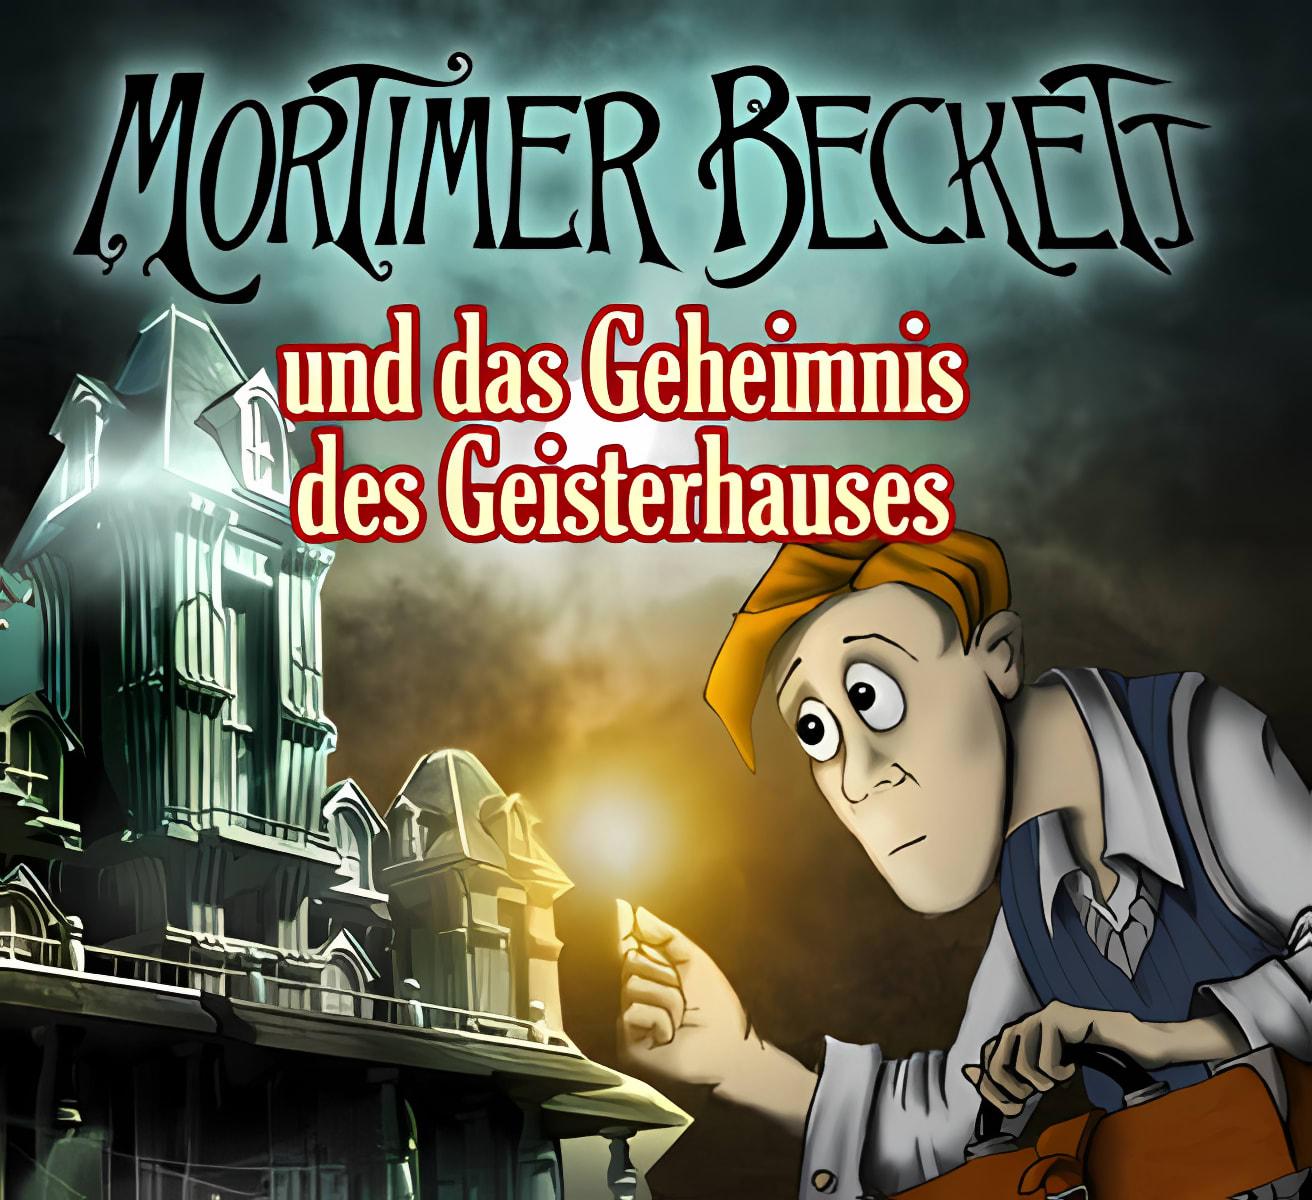 Mortimer Beckett und das Geheimnis des Geisterhauses